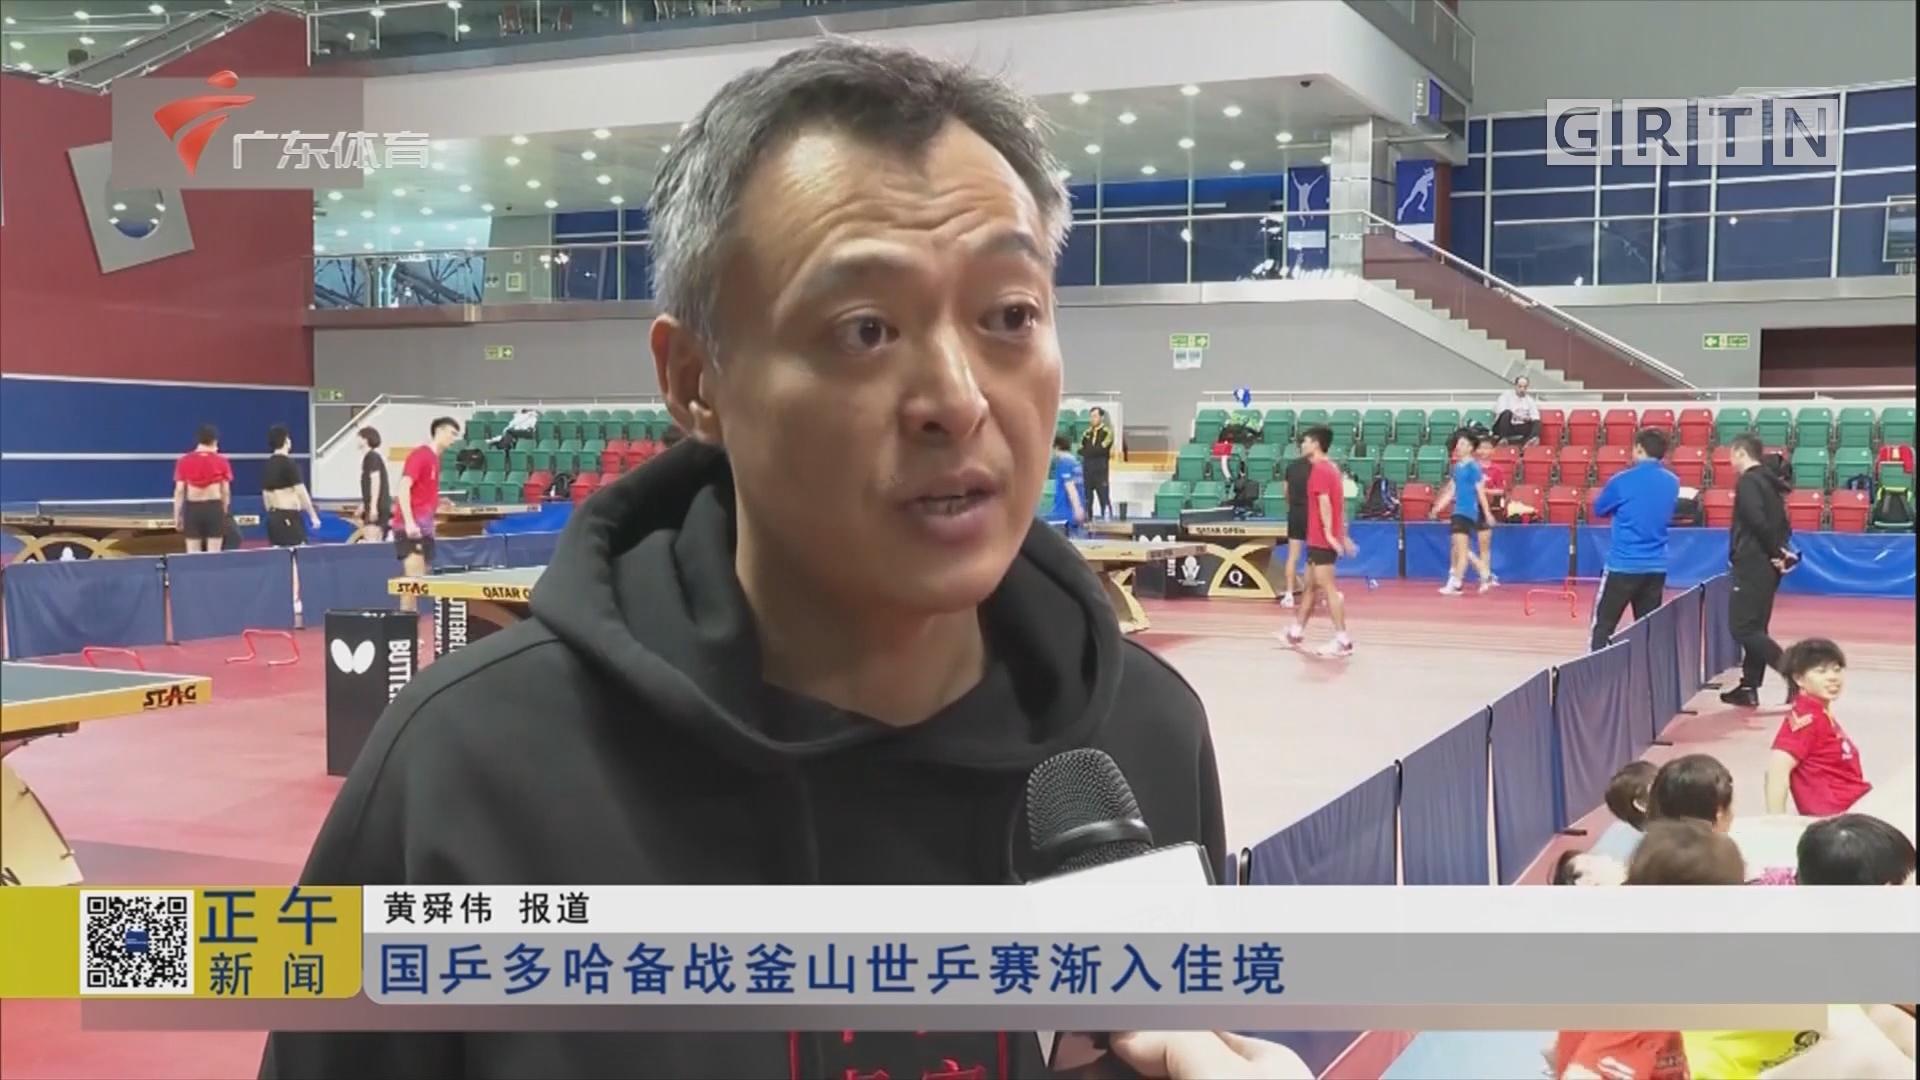 国乒多哈备战釜山世乒赛渐入佳境